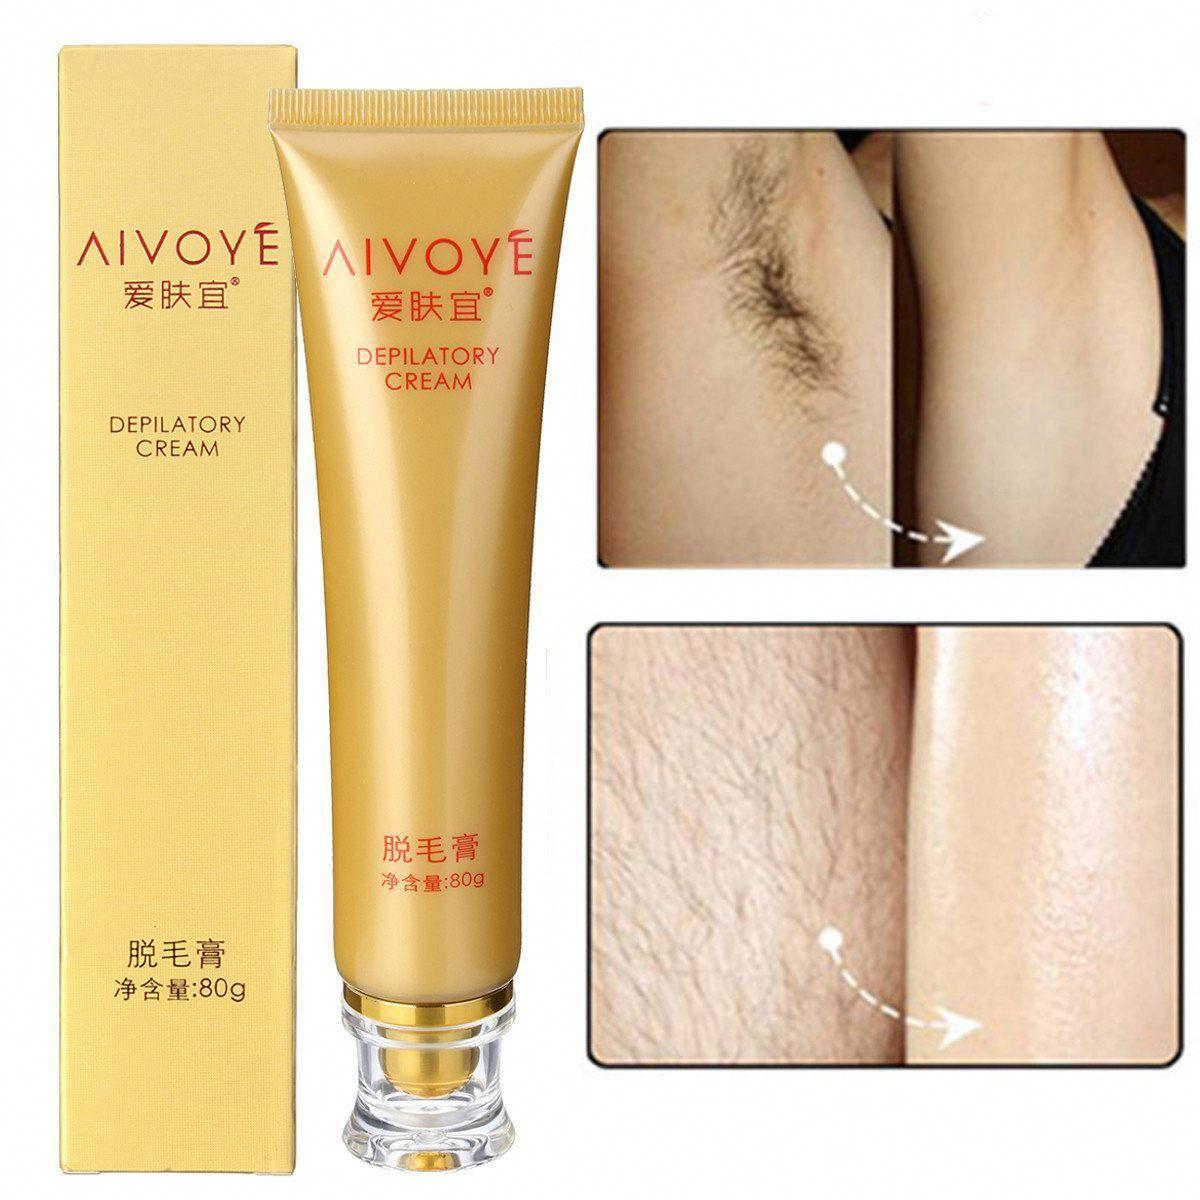 AIVOYE Depilatory Cream Powerful Permanent Body Hair